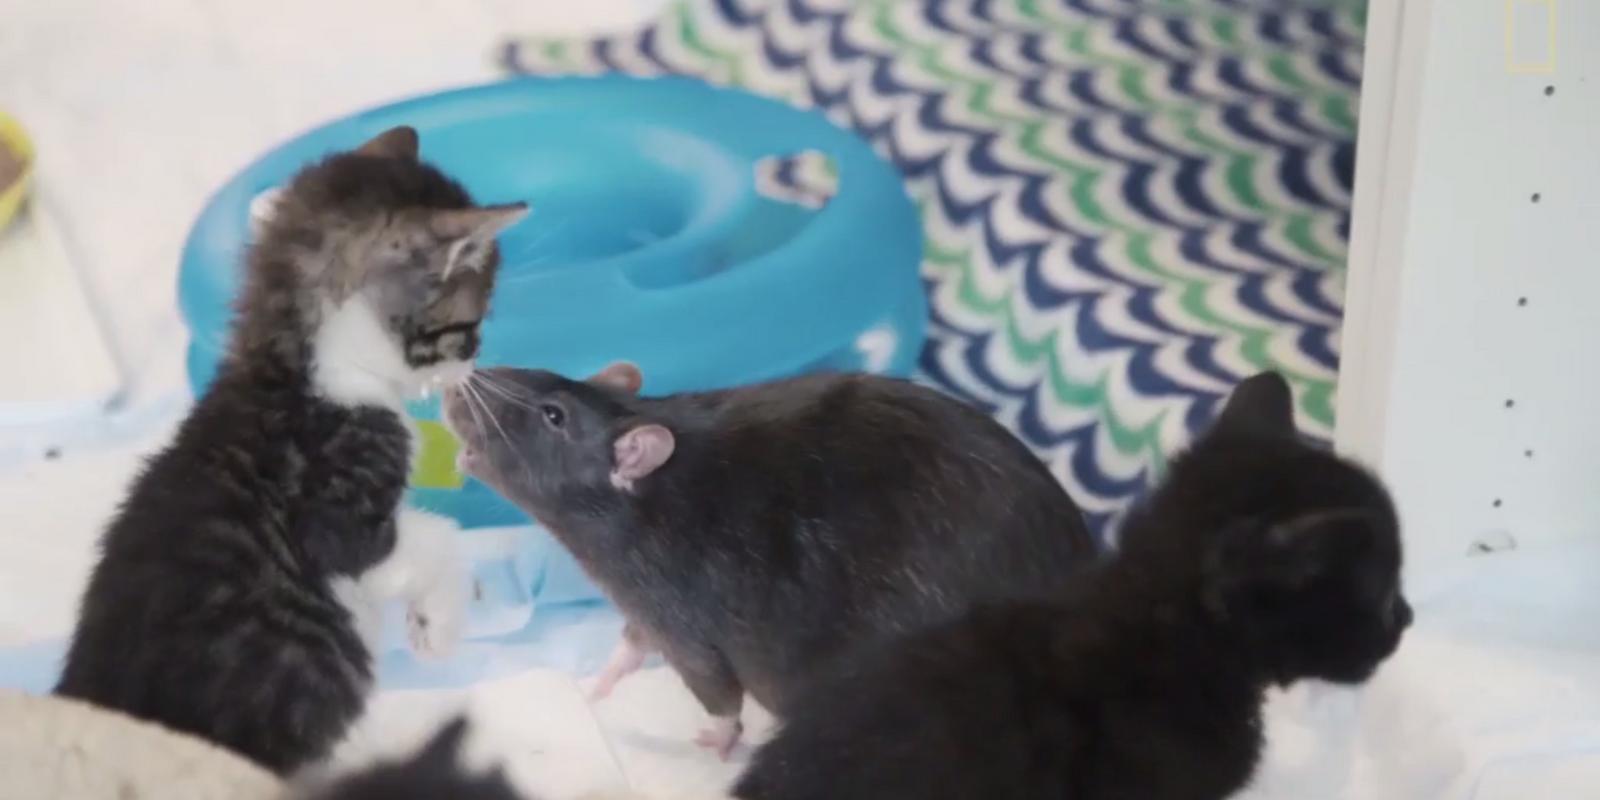 Diese Kätzchen haben ungewöhnliche Kindermädchen